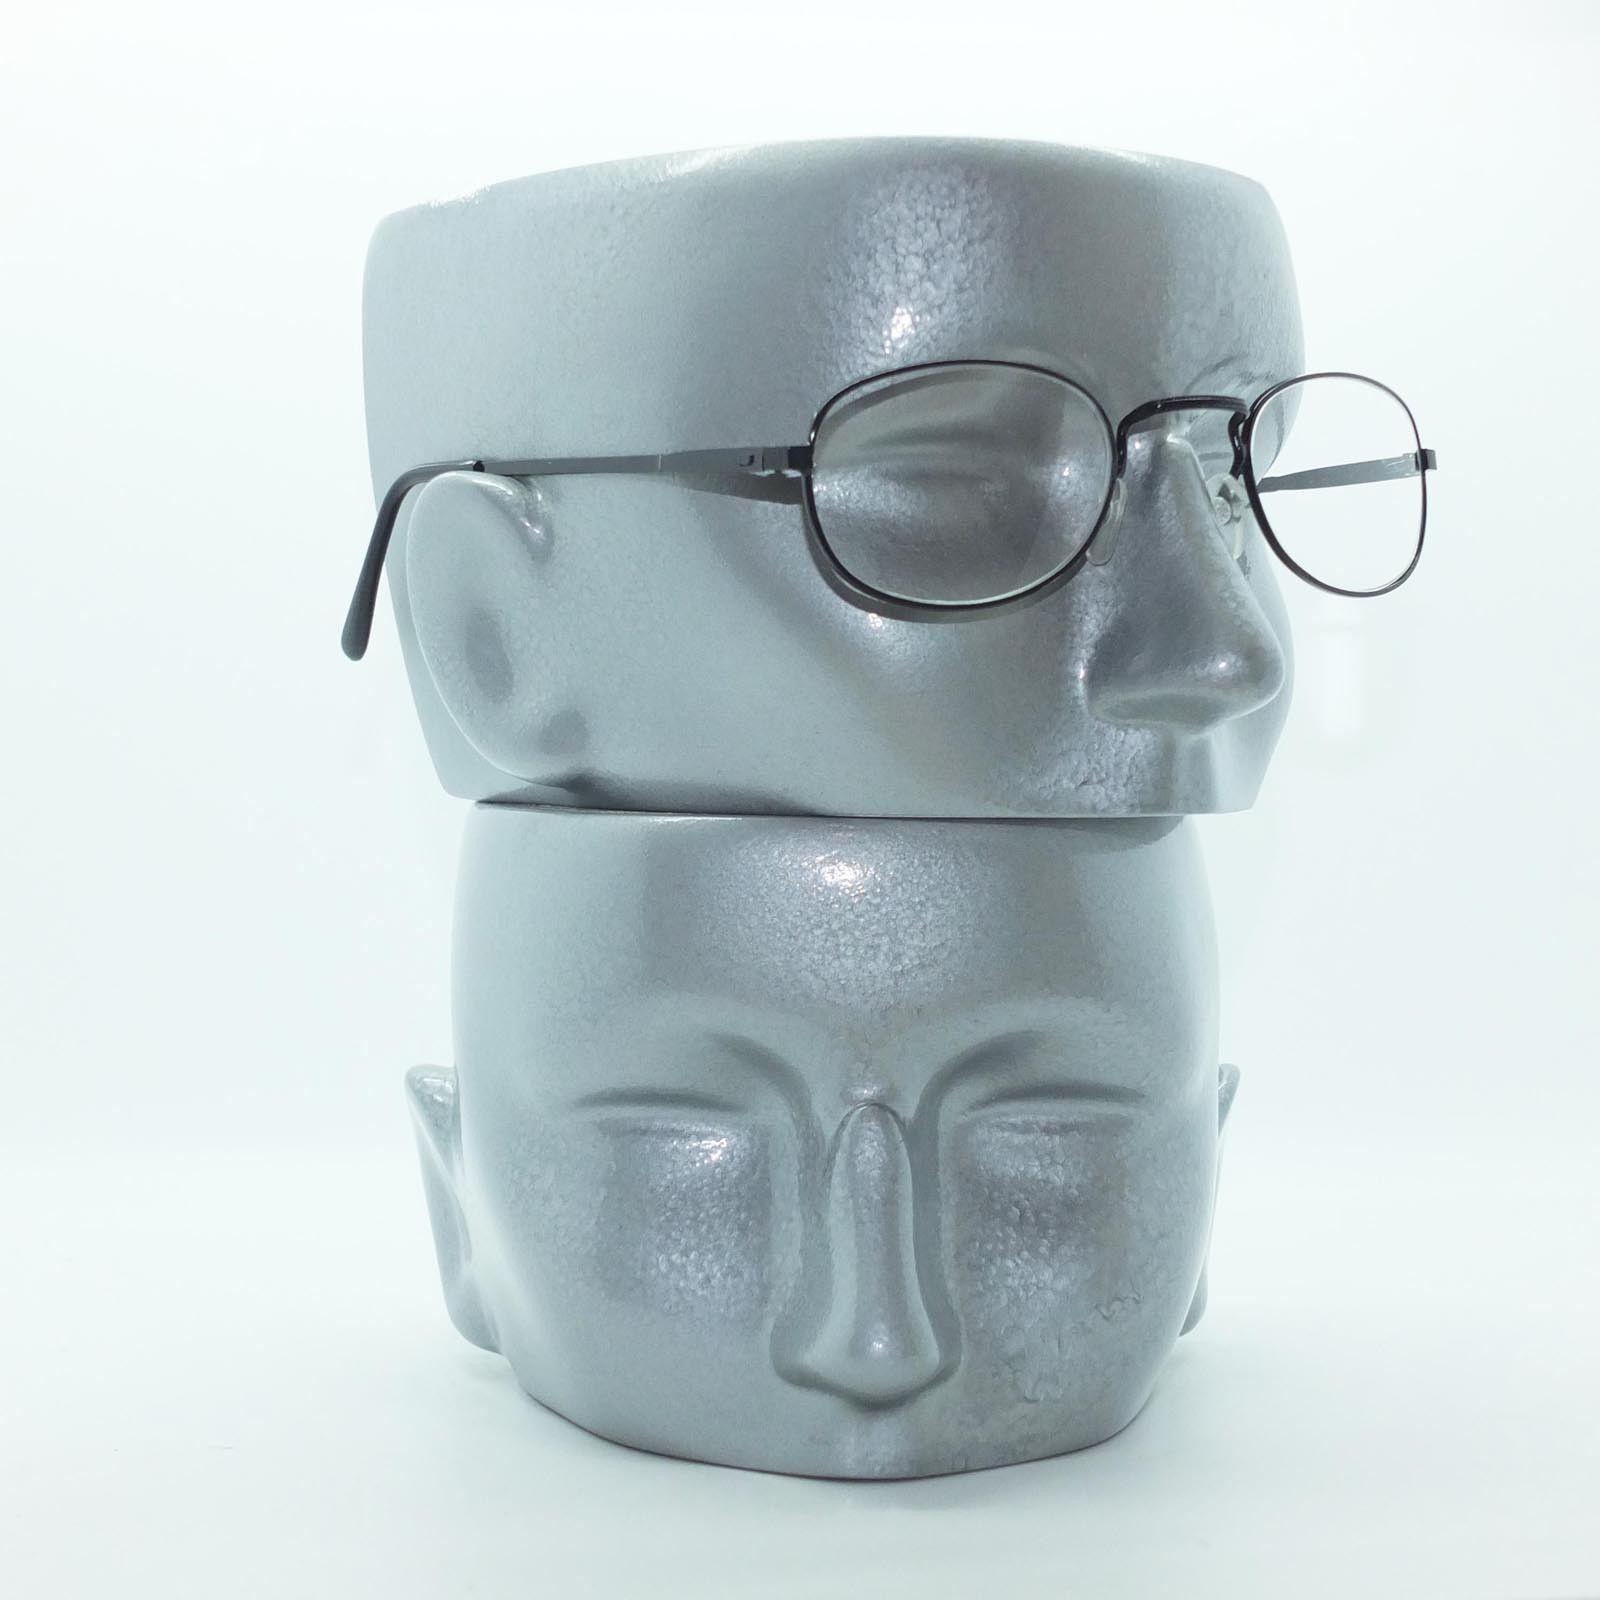 1008f3e4ad Reading Glasses Matte Black Metal Petite Oval Square Bridge Frame +3.00 Lens